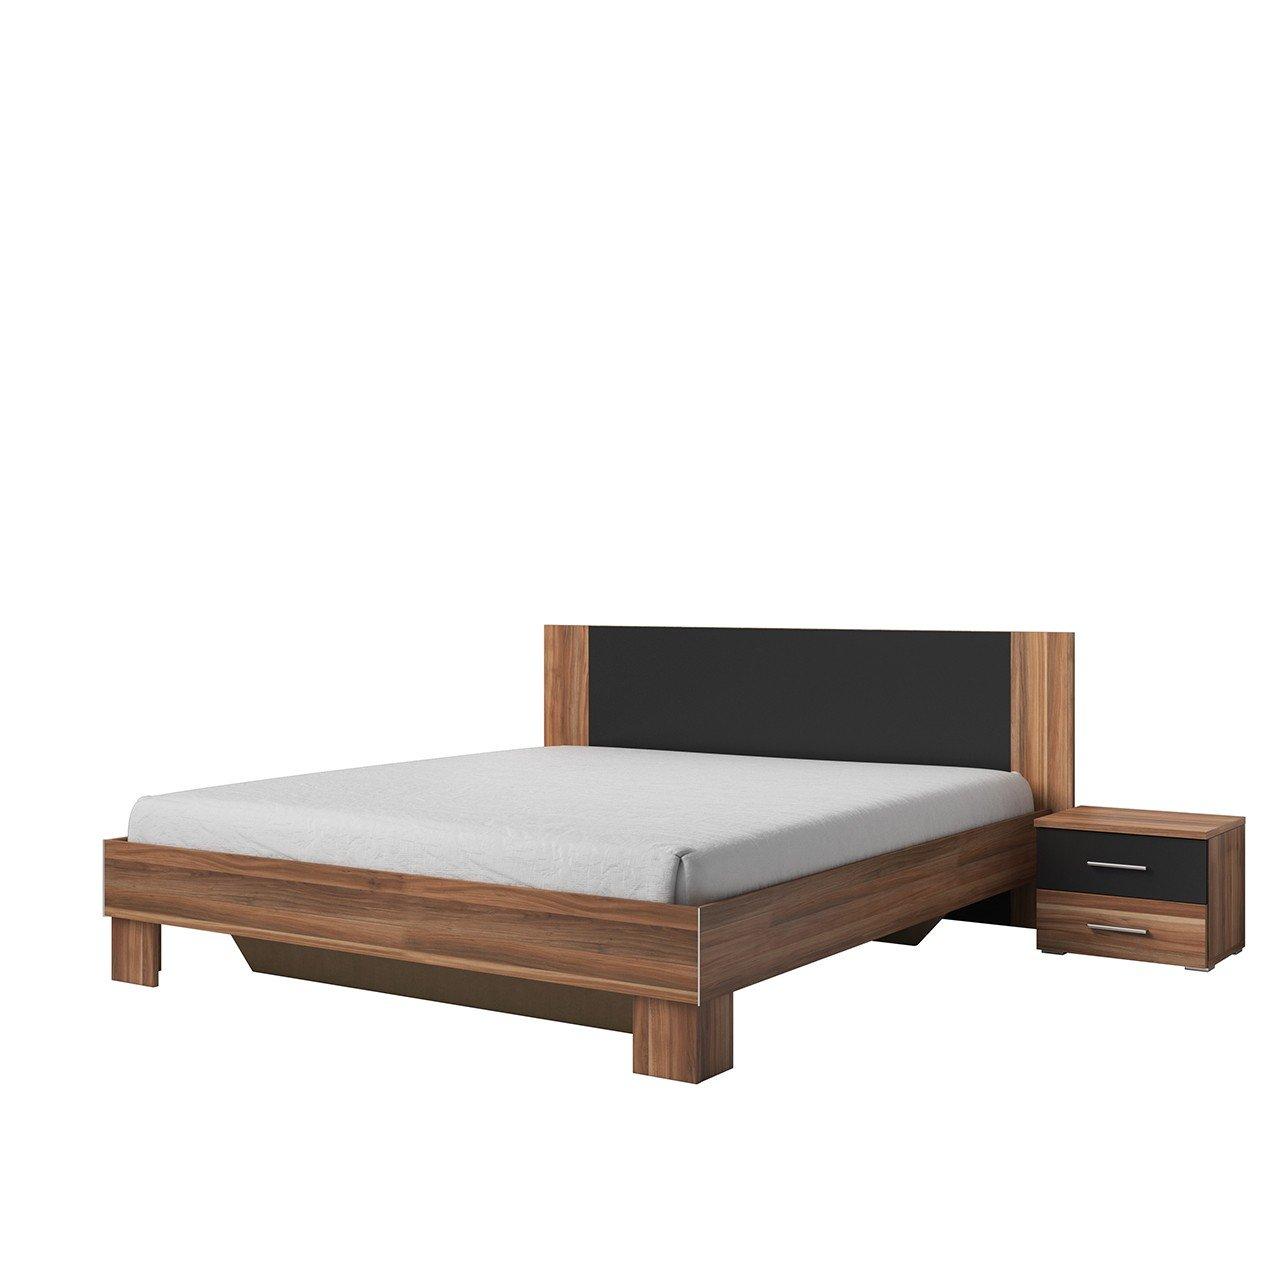 Mirjan24 Doppelbett Vera mit Zwei Nachttische, Elegante Bett für ...